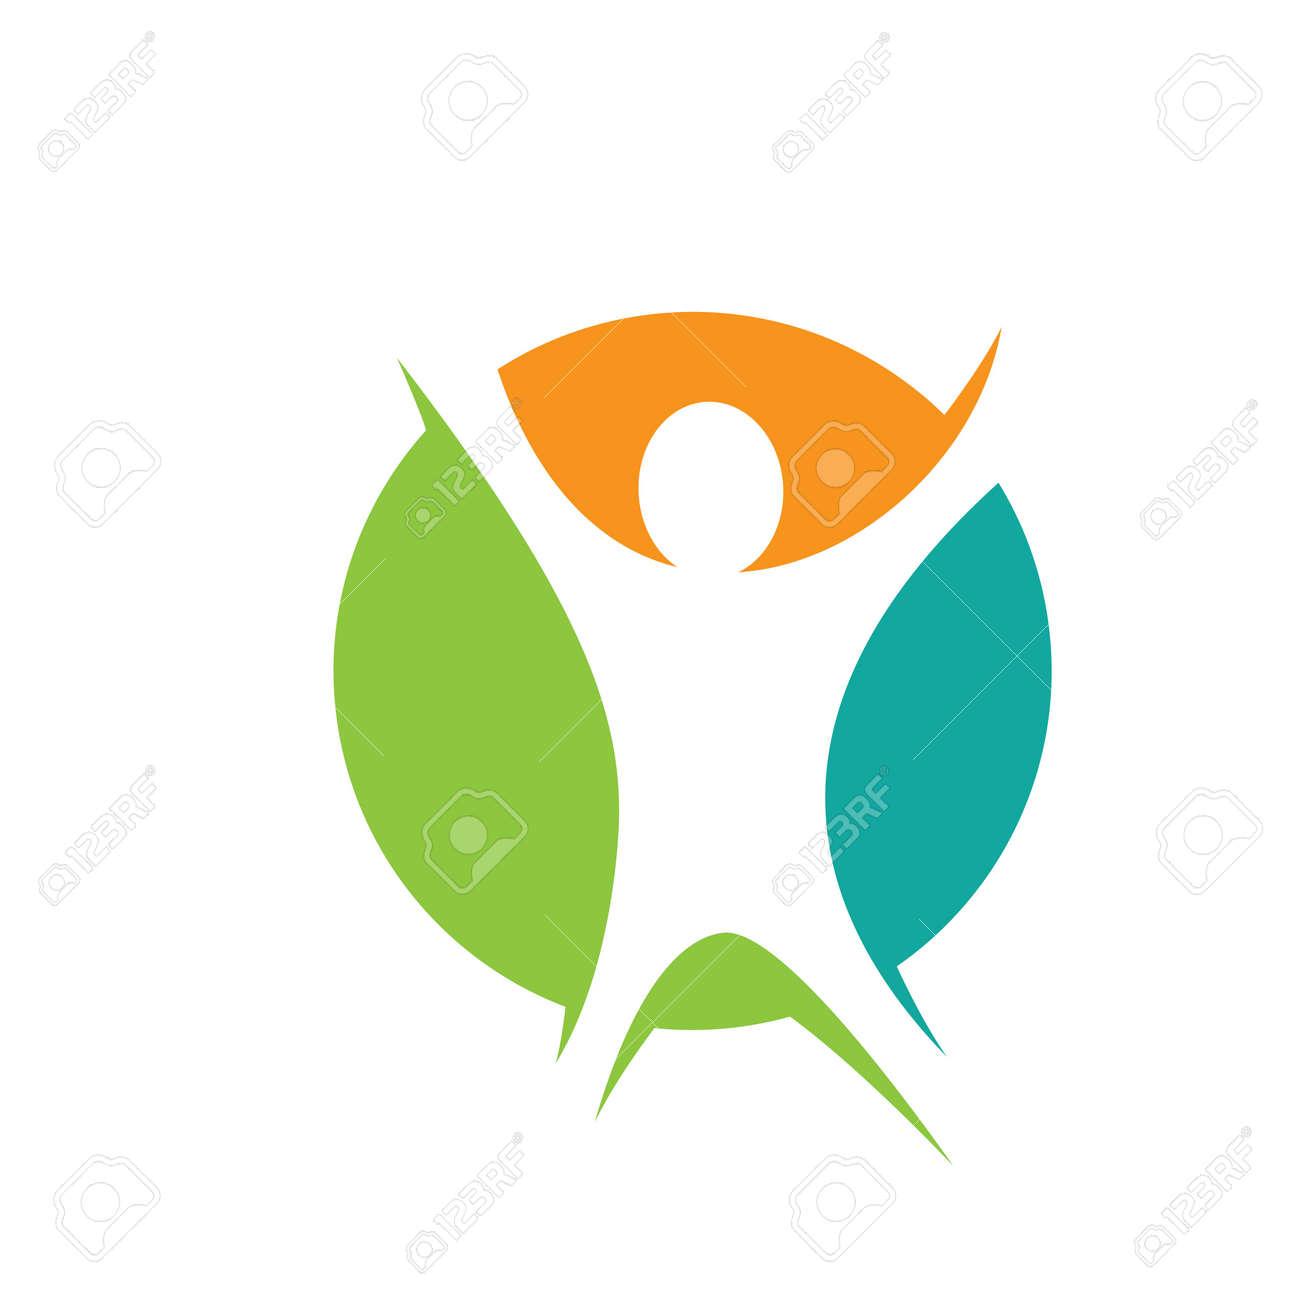 Wellness logo images design illustration - 167448560